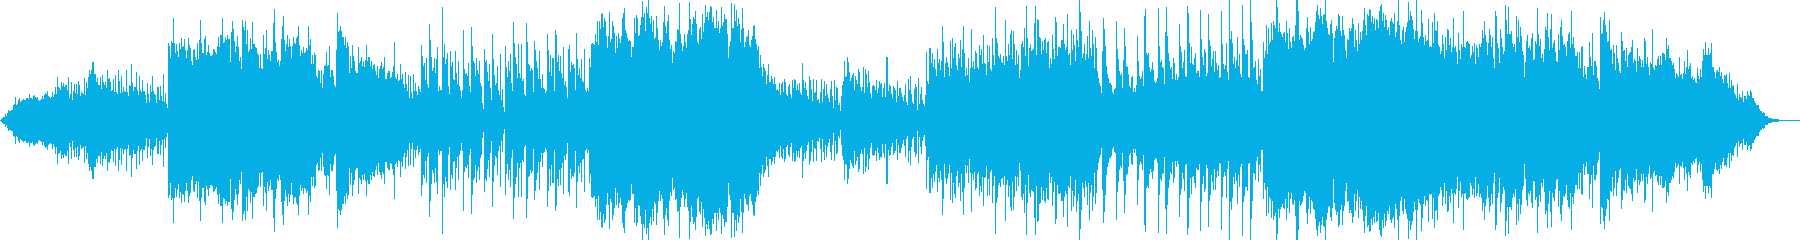 エスニック風インストの再生済みの波形